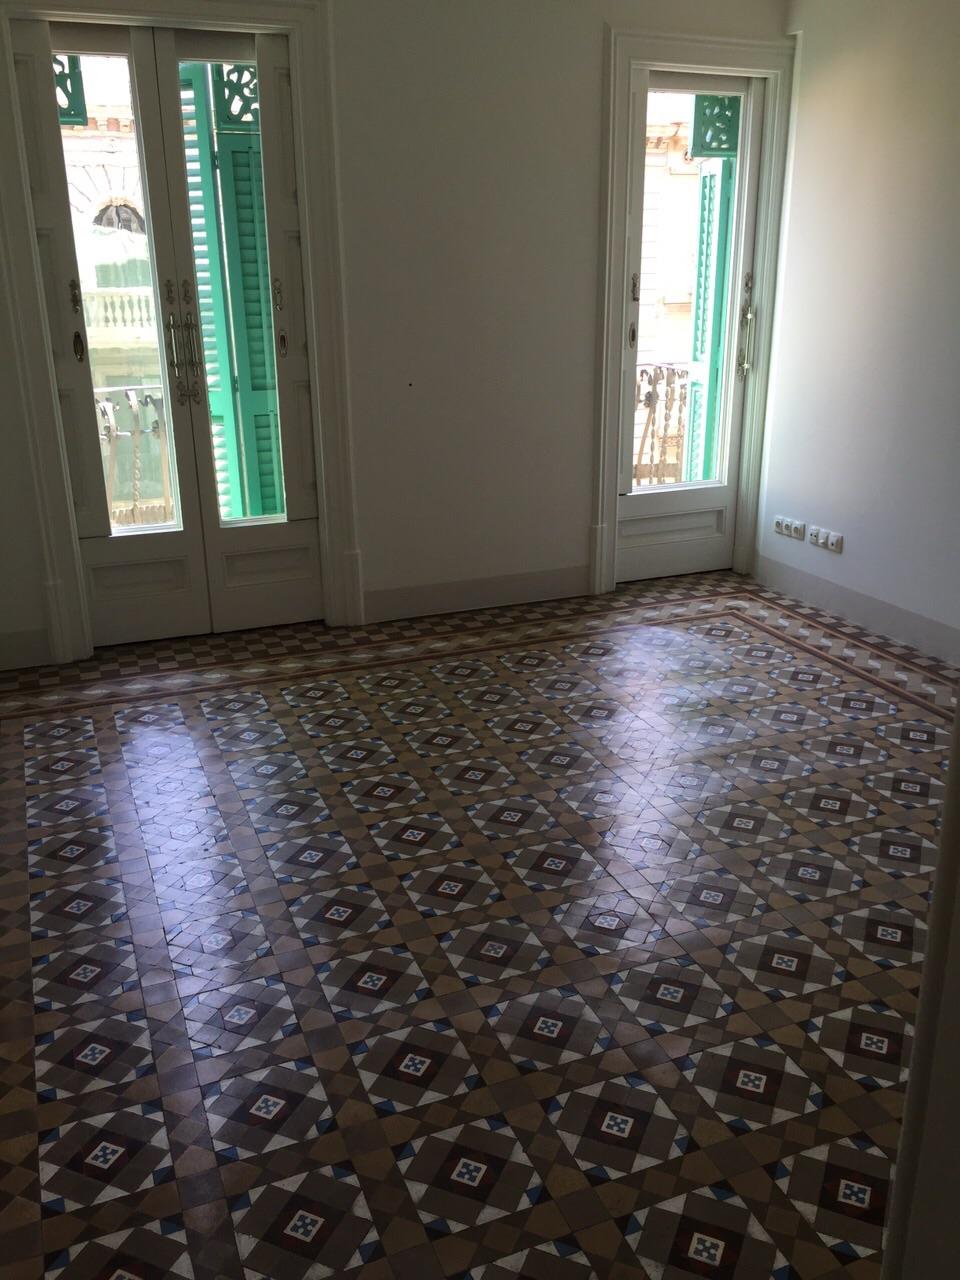 MosaicosBarcelona |Pulido y abrillantado de suelos en mosaico nolla en Barcelona